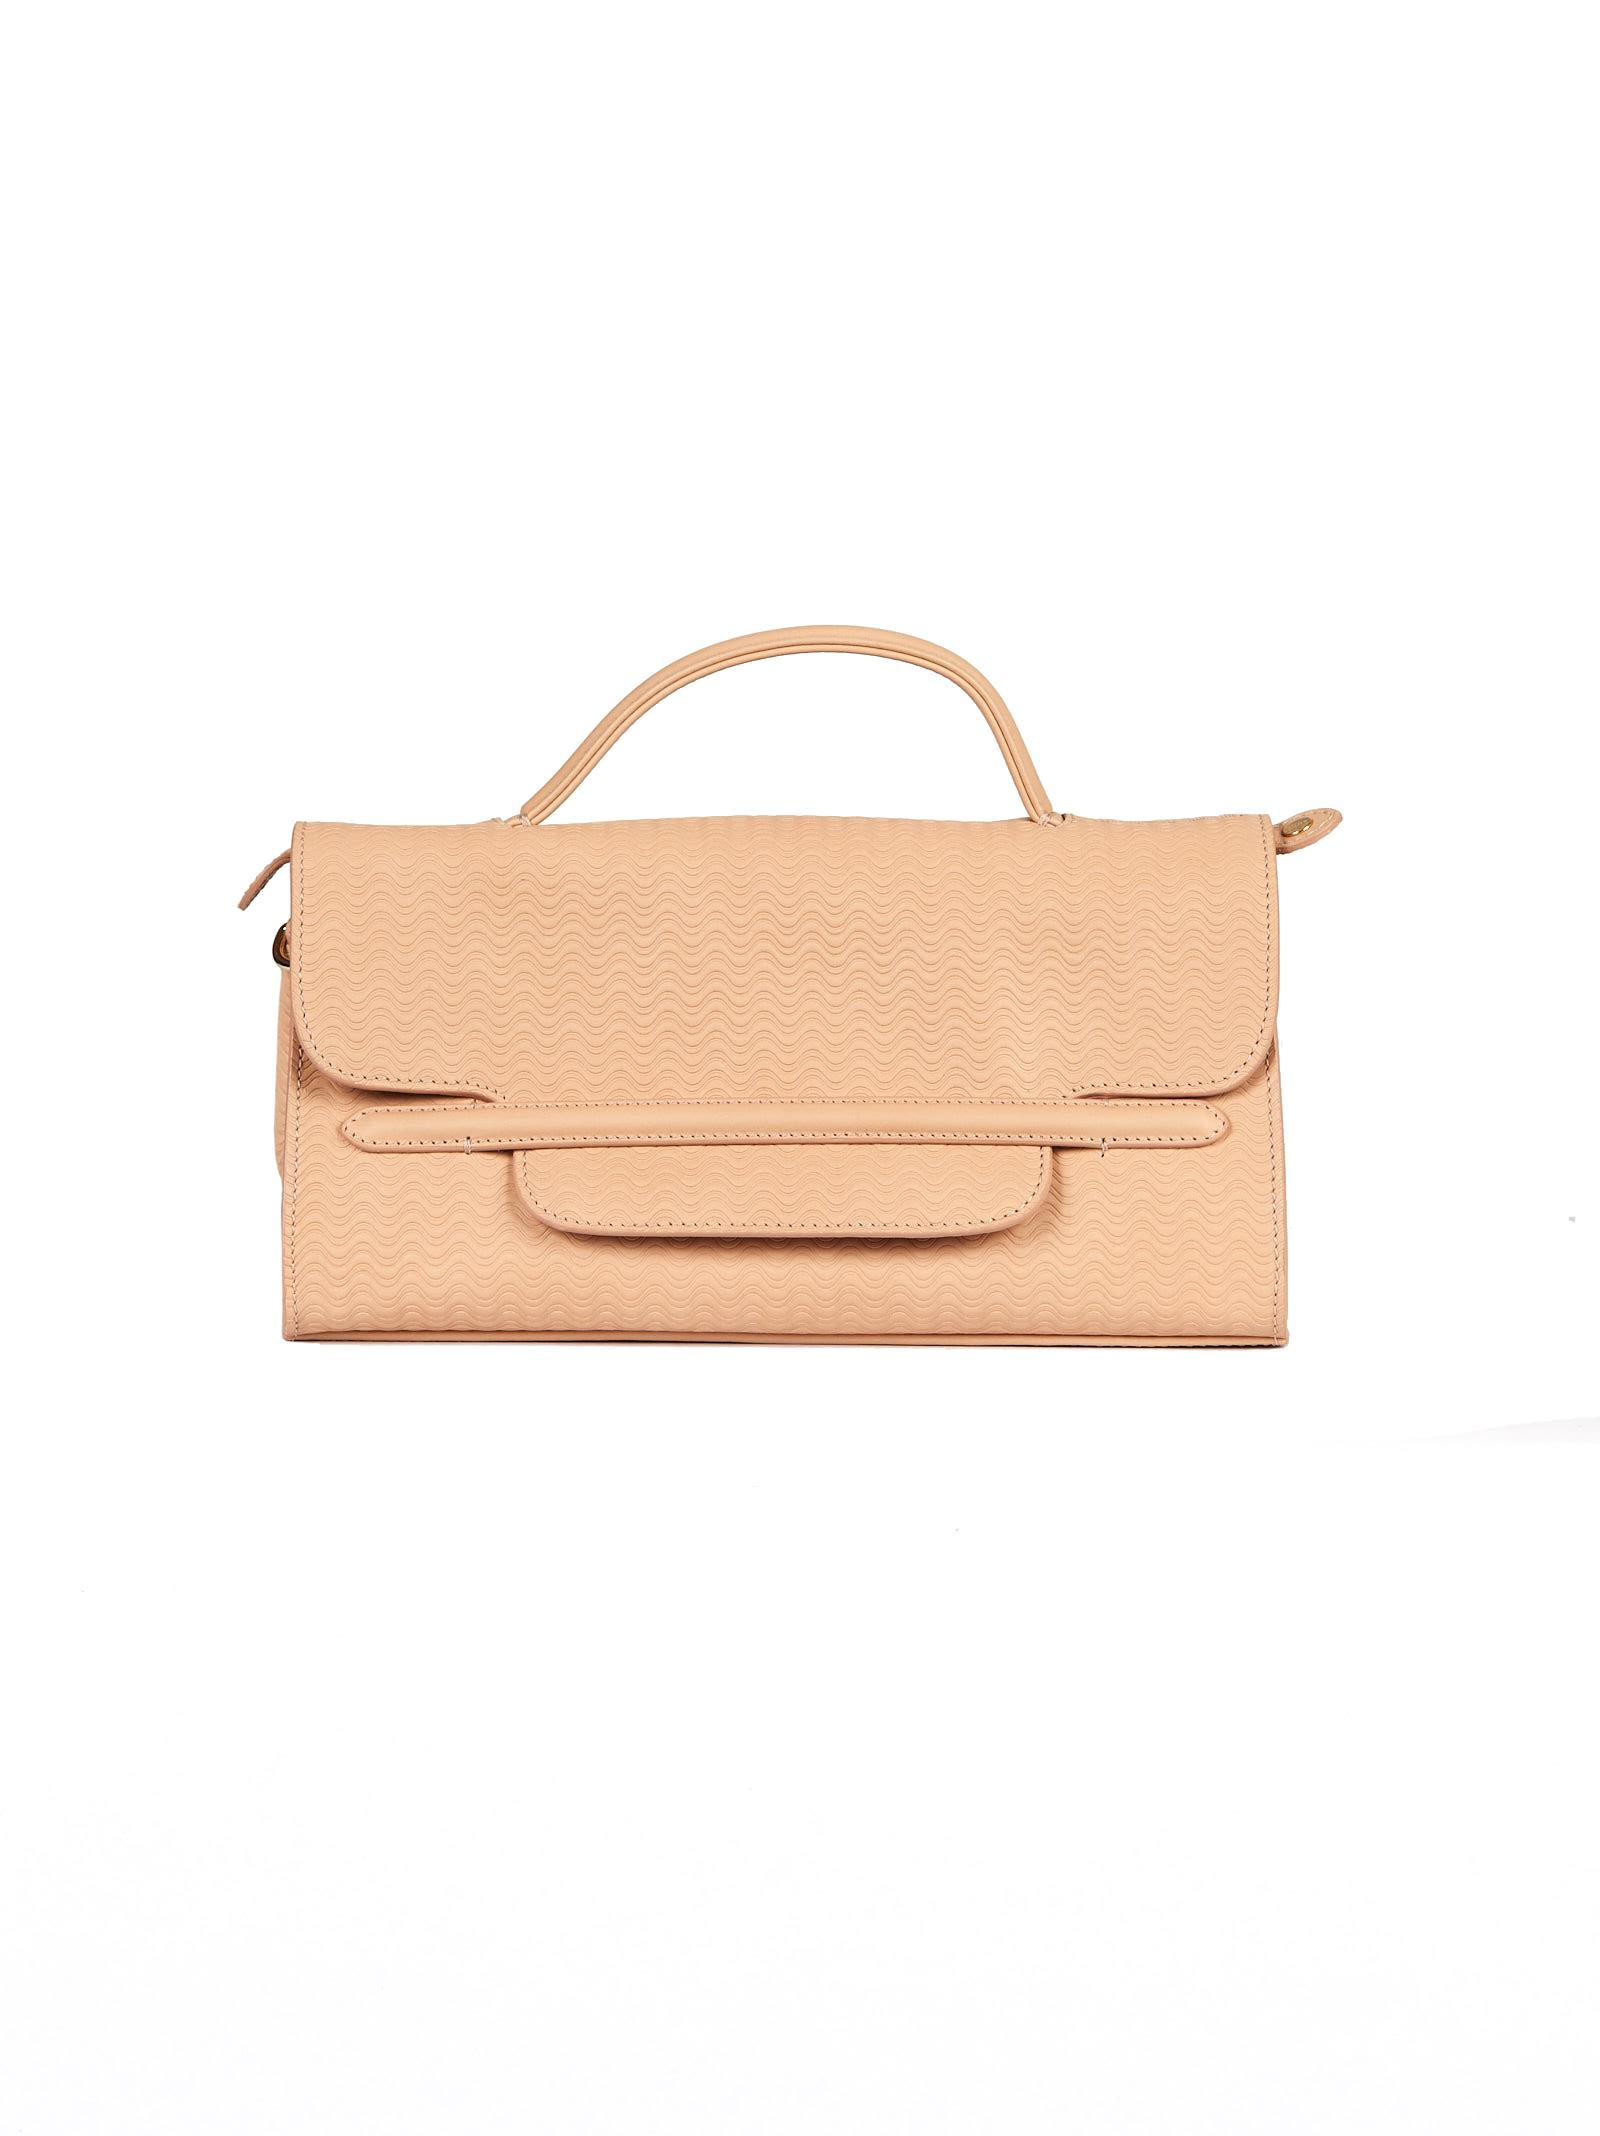 ZANELLATO Nina Shoulder Bag in Nudo